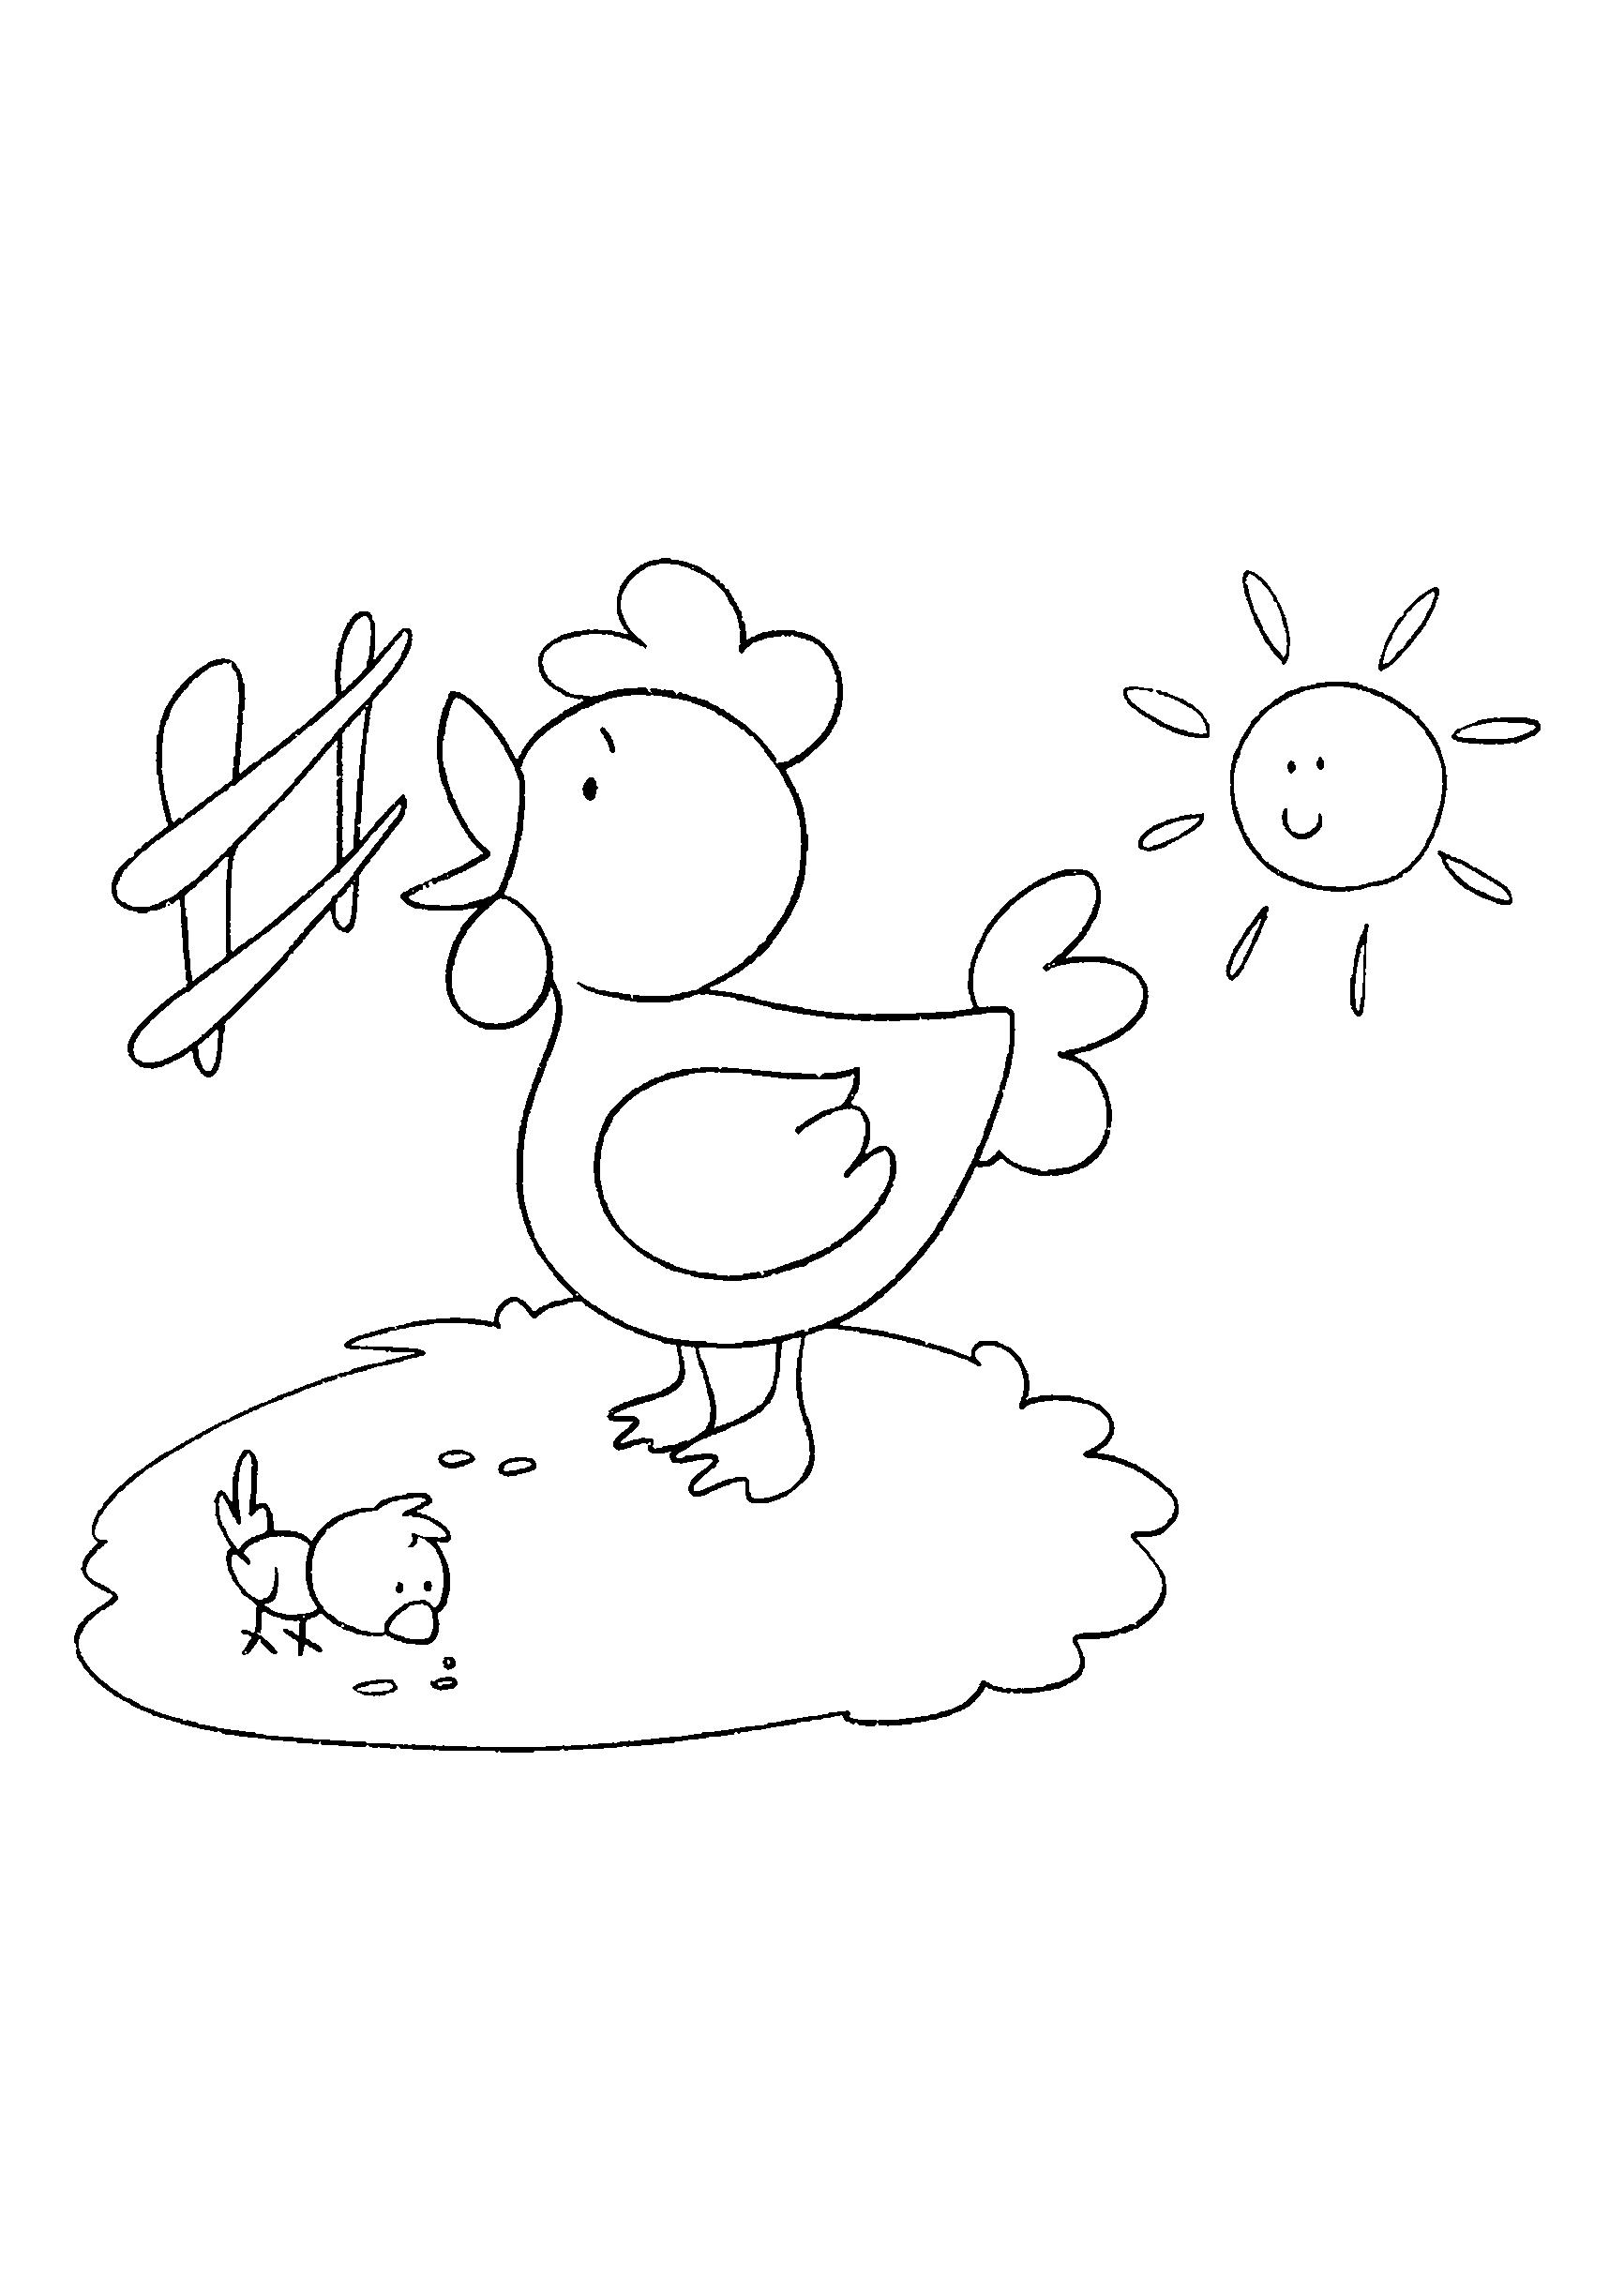 Desenho de galinha cantando